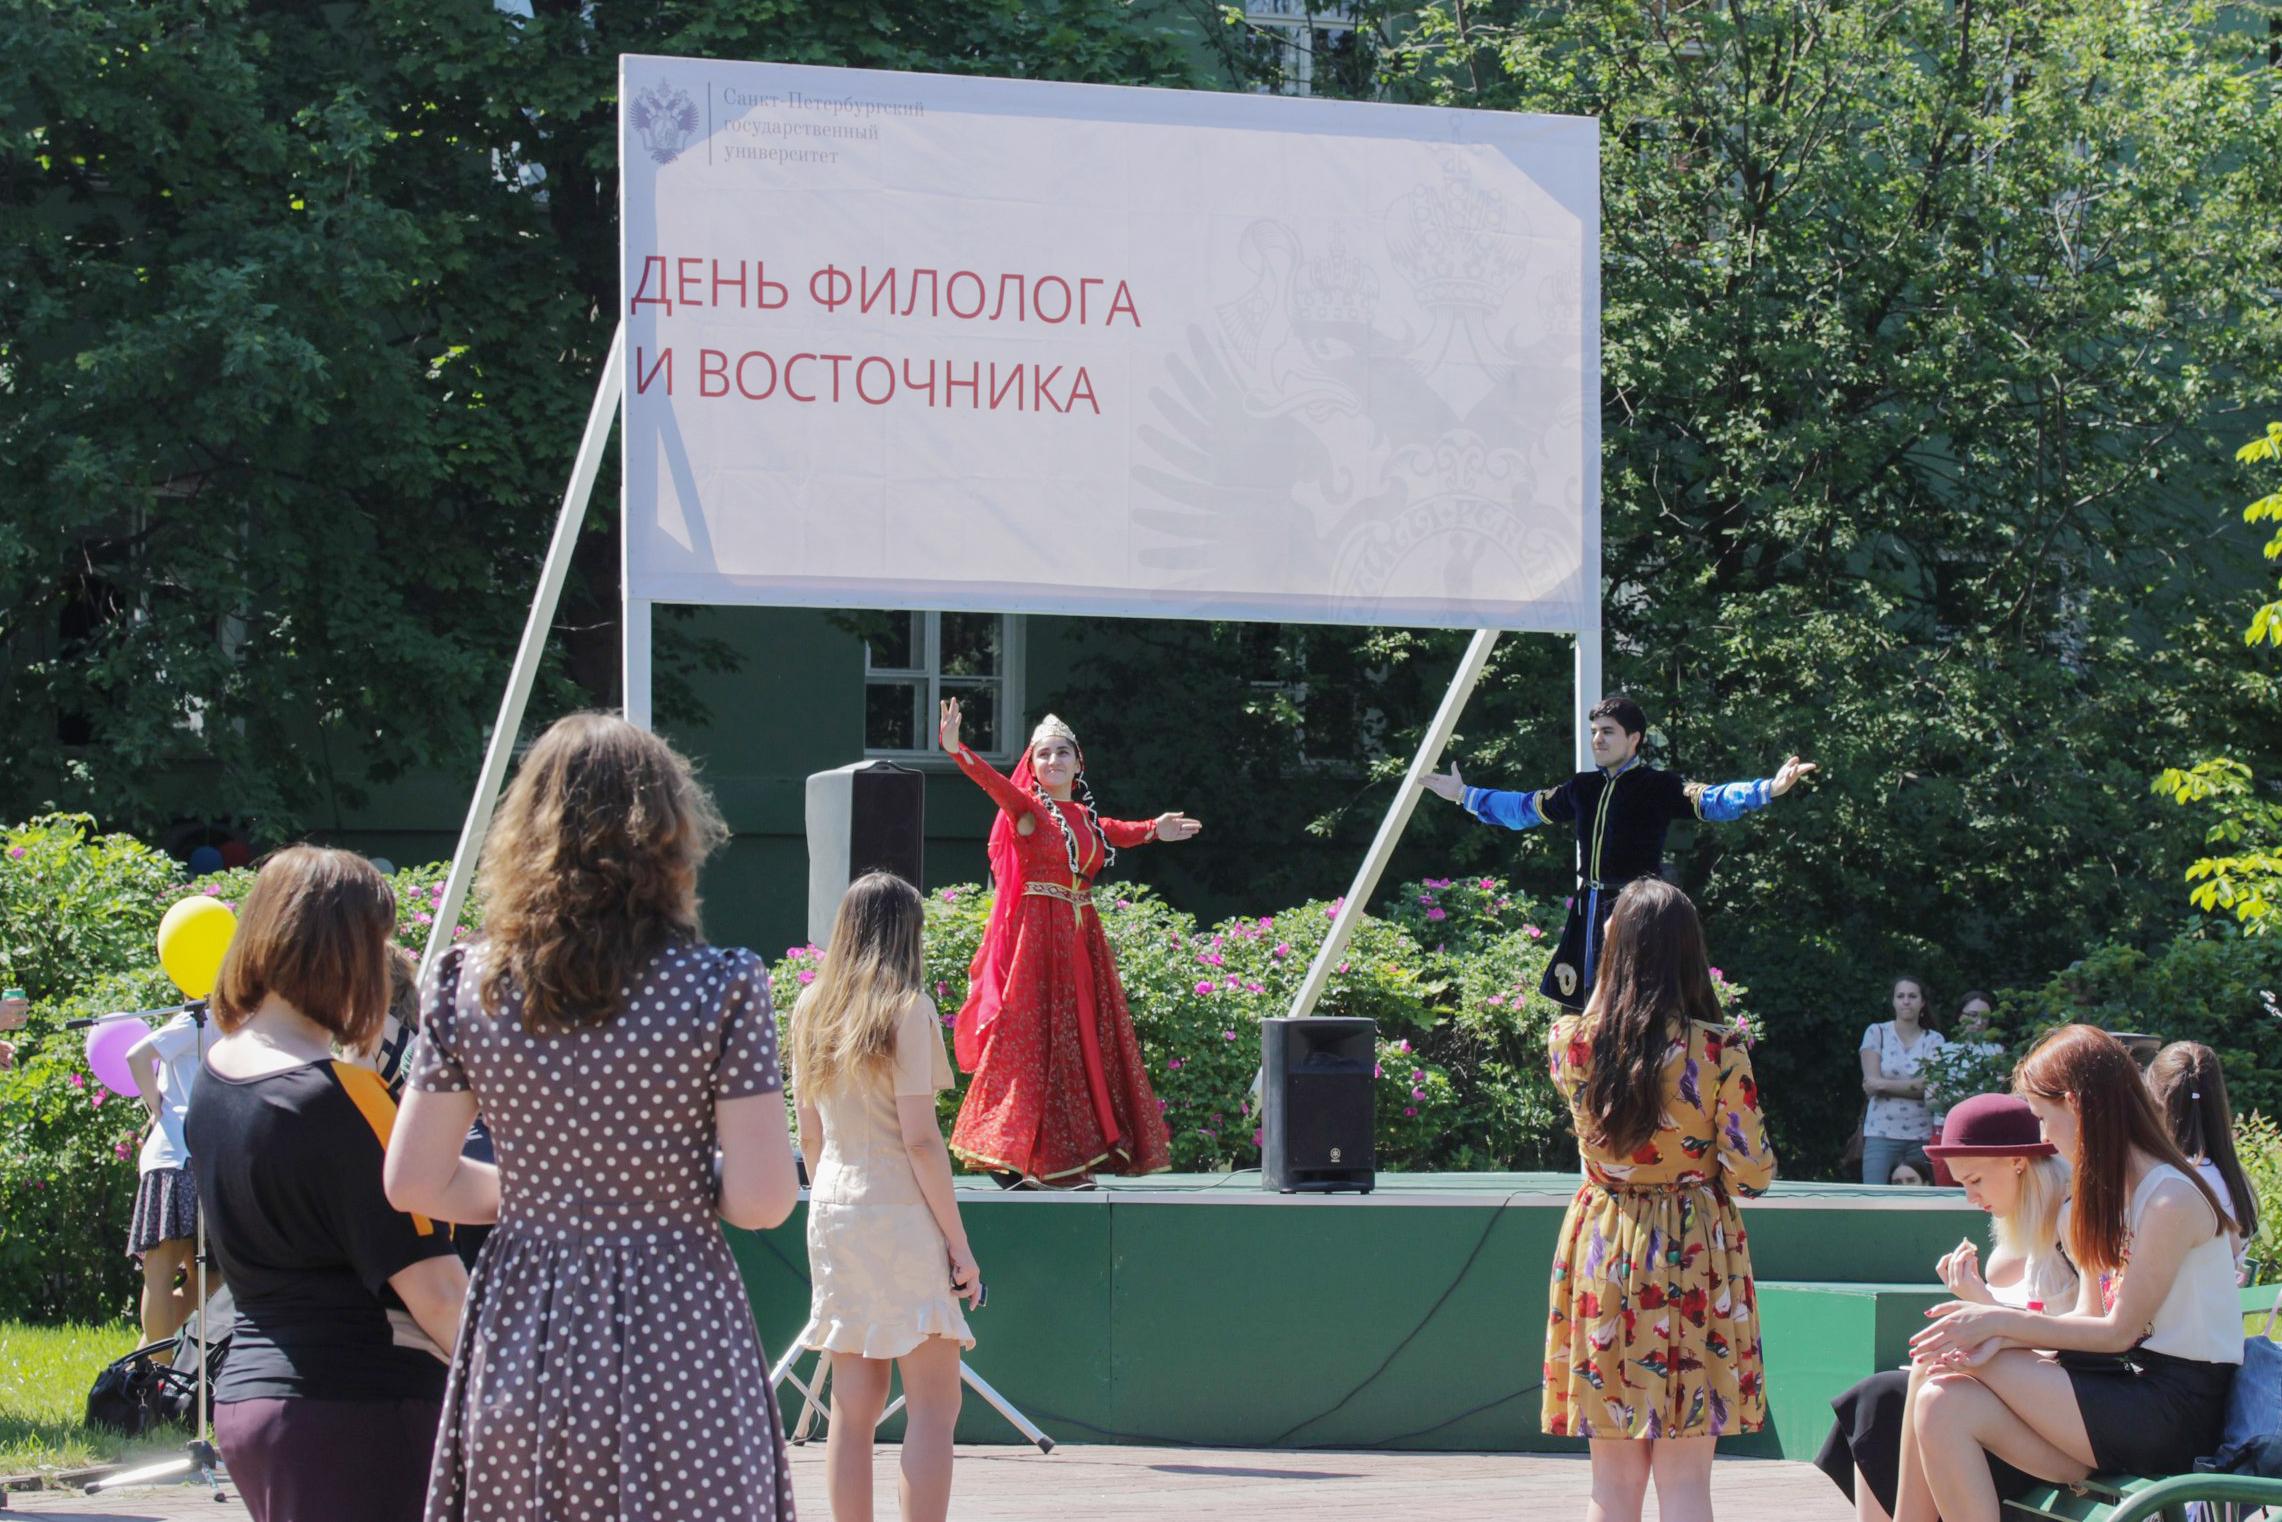 26 мая в СПбГУ отпразднуют юбилейный День филолога и восточника